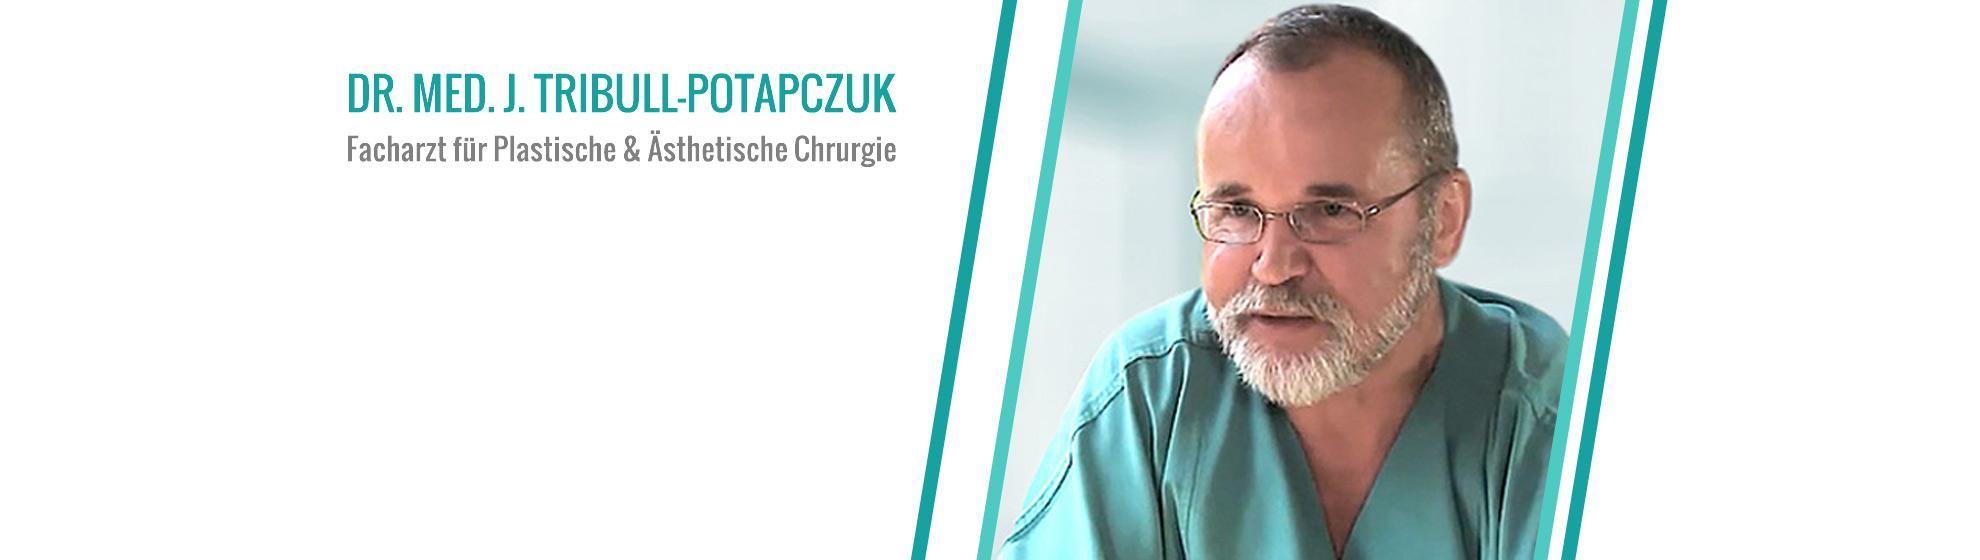 Dr. med. Jaroslaw Tribull-Potapczuk